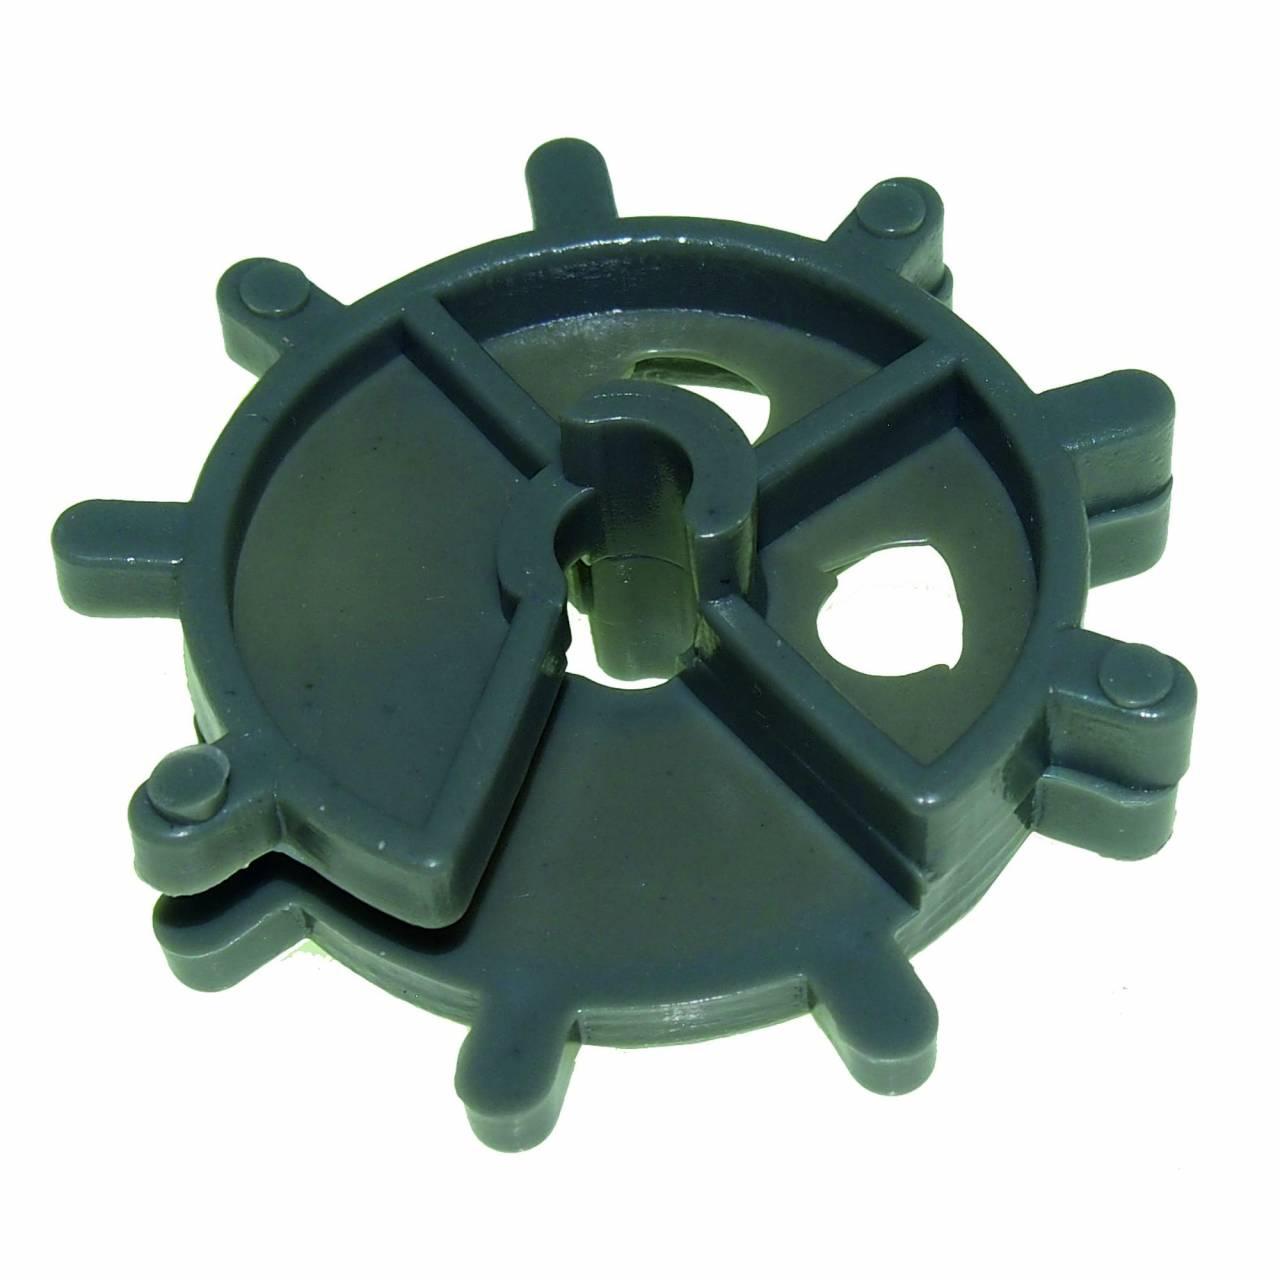 GARANT 12-15 / KB 12 mm Armierungs-Abstandhalter / Krt a 1.000 Stück